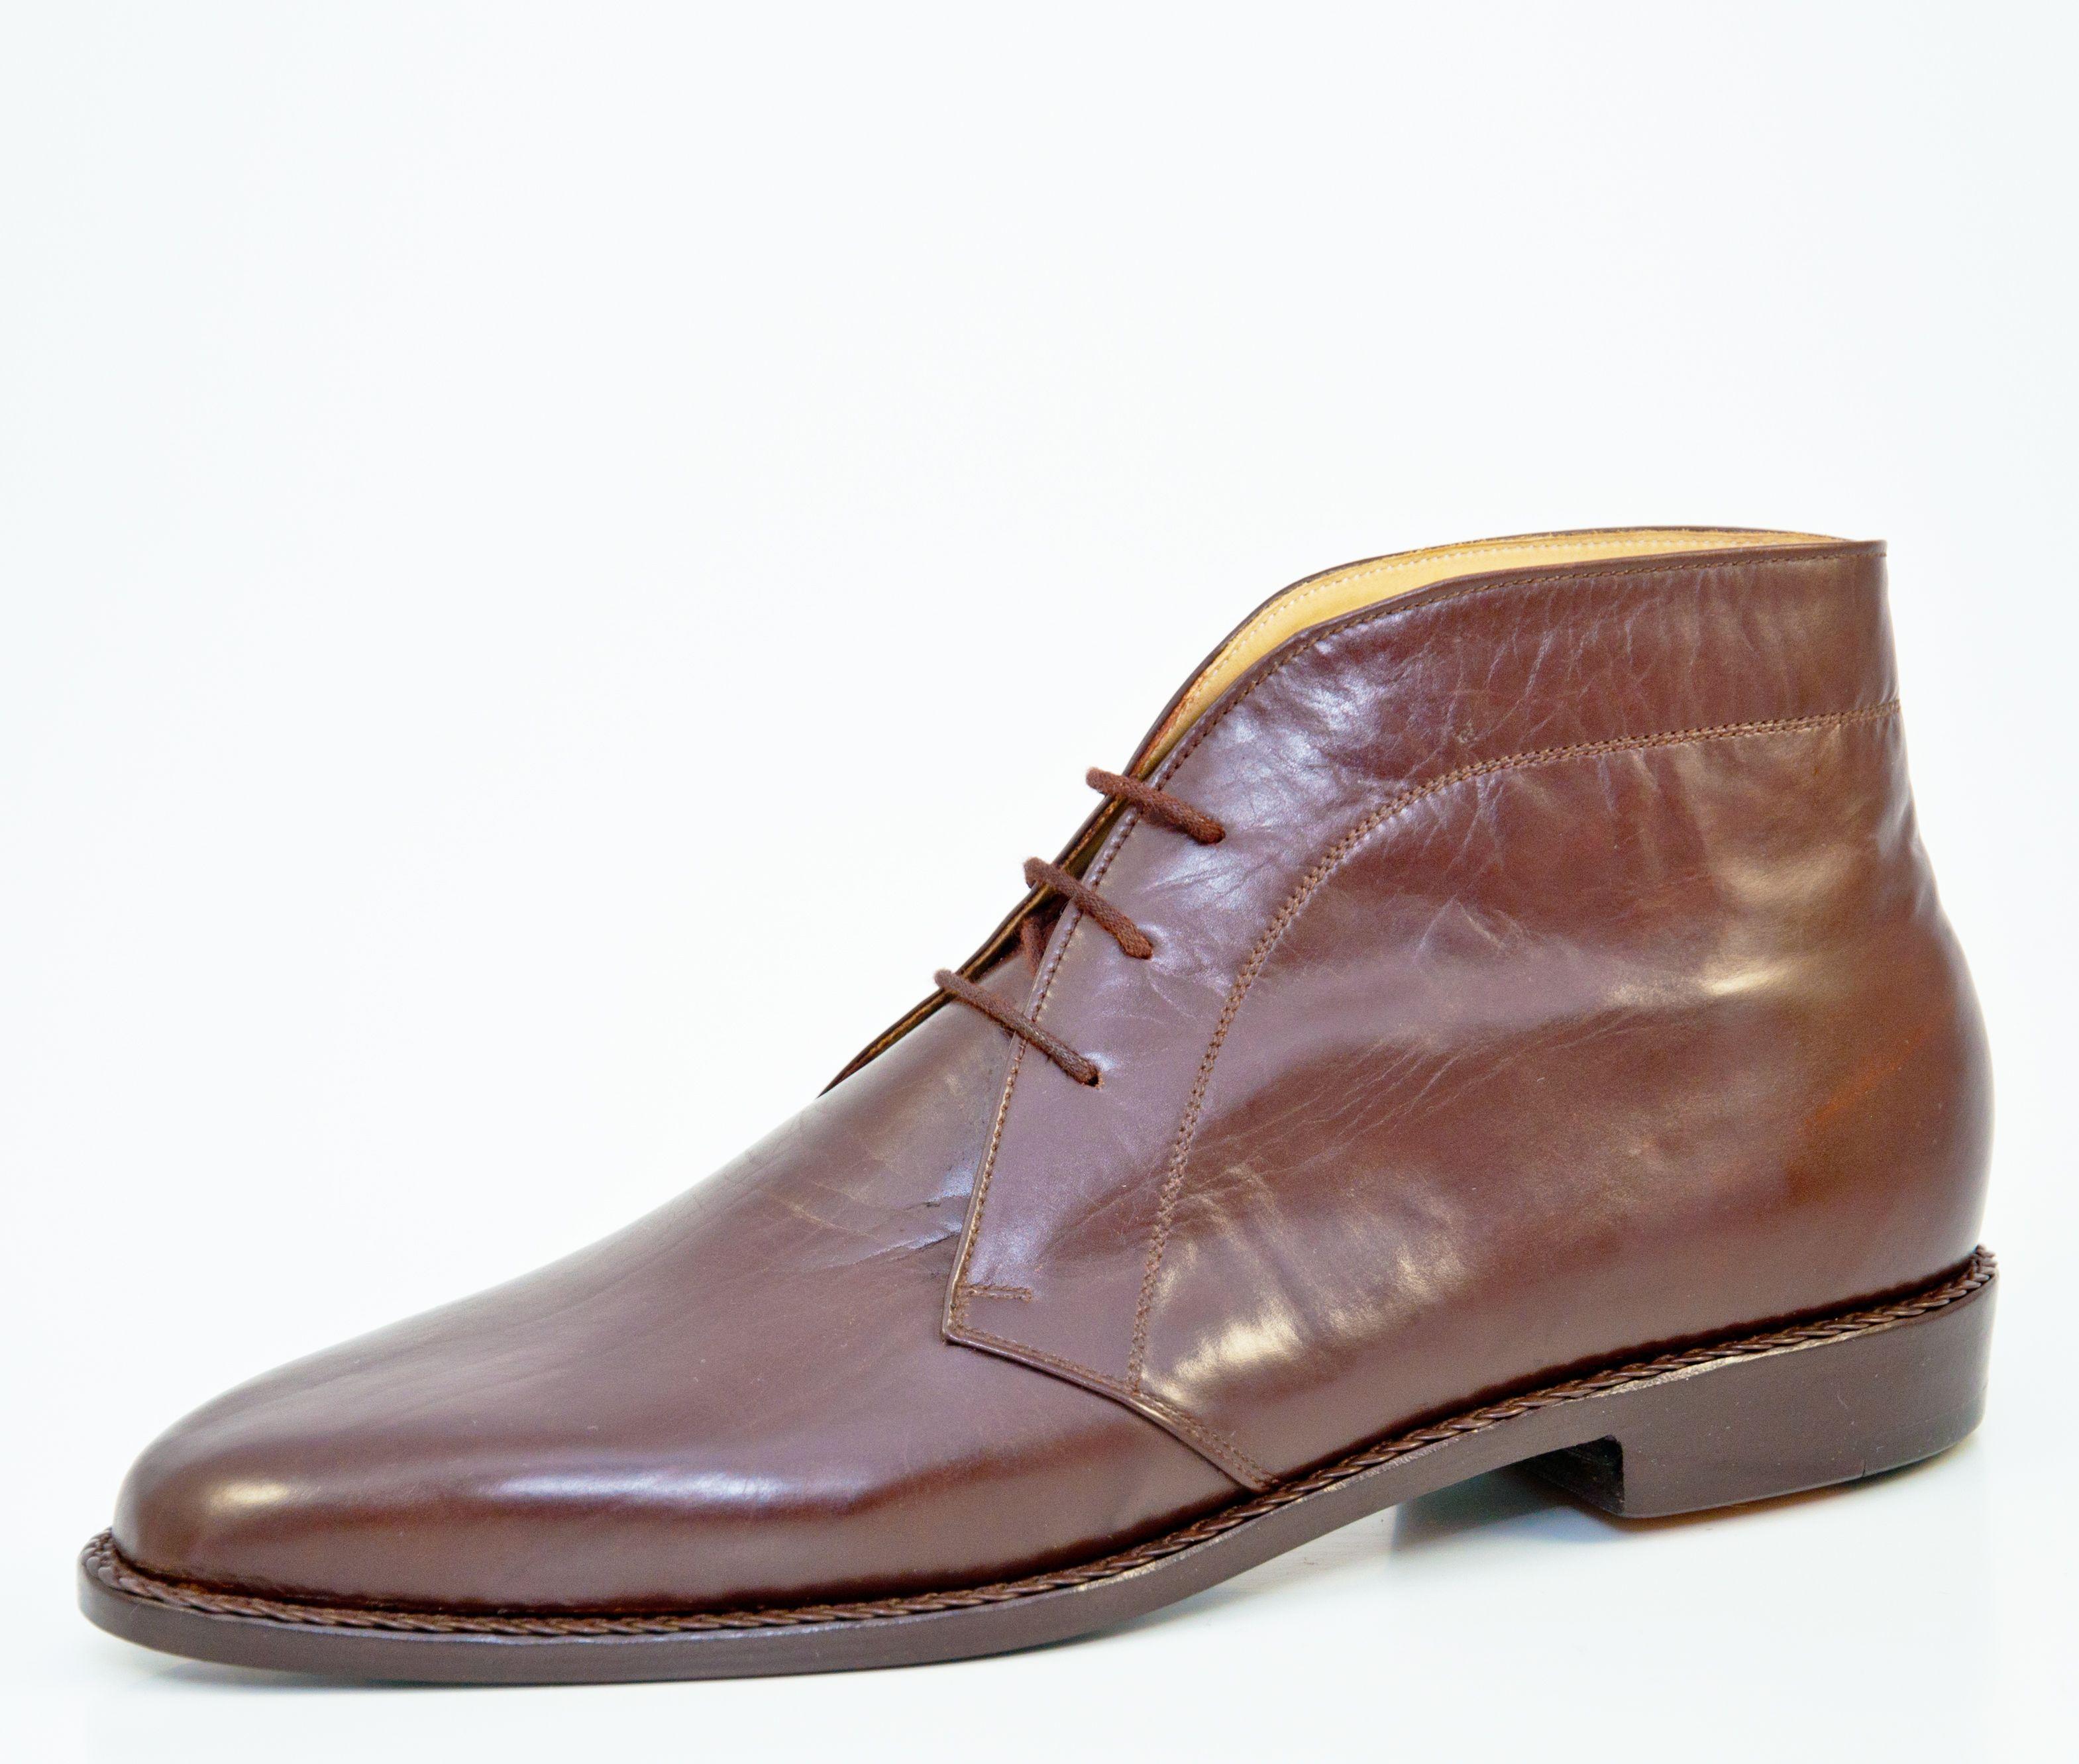 Boot: Boots oder auch Stiefeletten kamen in England um 1840 auf. Sie schützen den Fuß vor den äußeren Einflüssen und reichen im allgemeinen 5 bis 10 Zentimeter über den Knöchel. Stiefeletten gibt es mit Oxford- oder Derby-Schnürung sowie als Semi- oder Full-Brogue. Boots werden zu den selben Anlässen wie klassische Halbschuhe getragen | Vickermann & Stoya Maßschuhe - Schuhmacher, Schuhreparaturen, Schuhmanufaktur